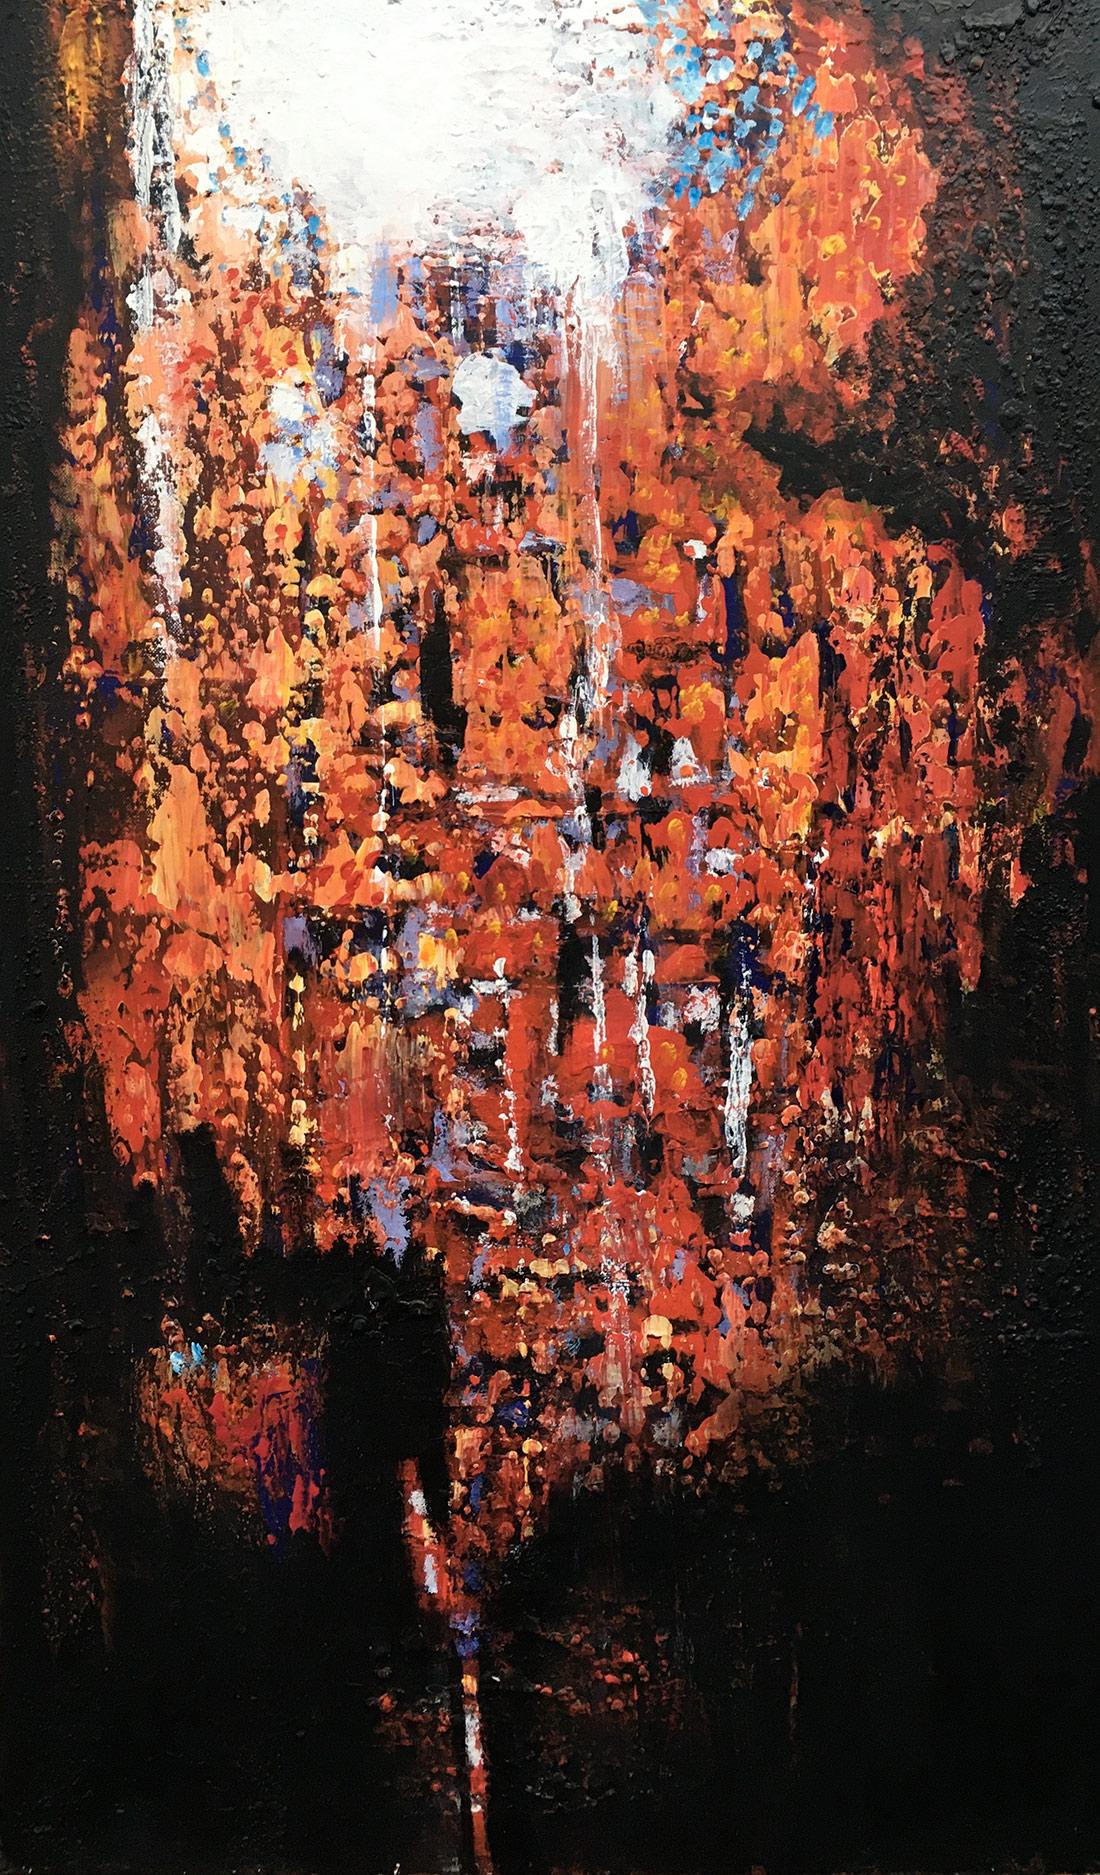 Aus der Tiefe, 60x100cm, Acryl auf Leinwand, 2021